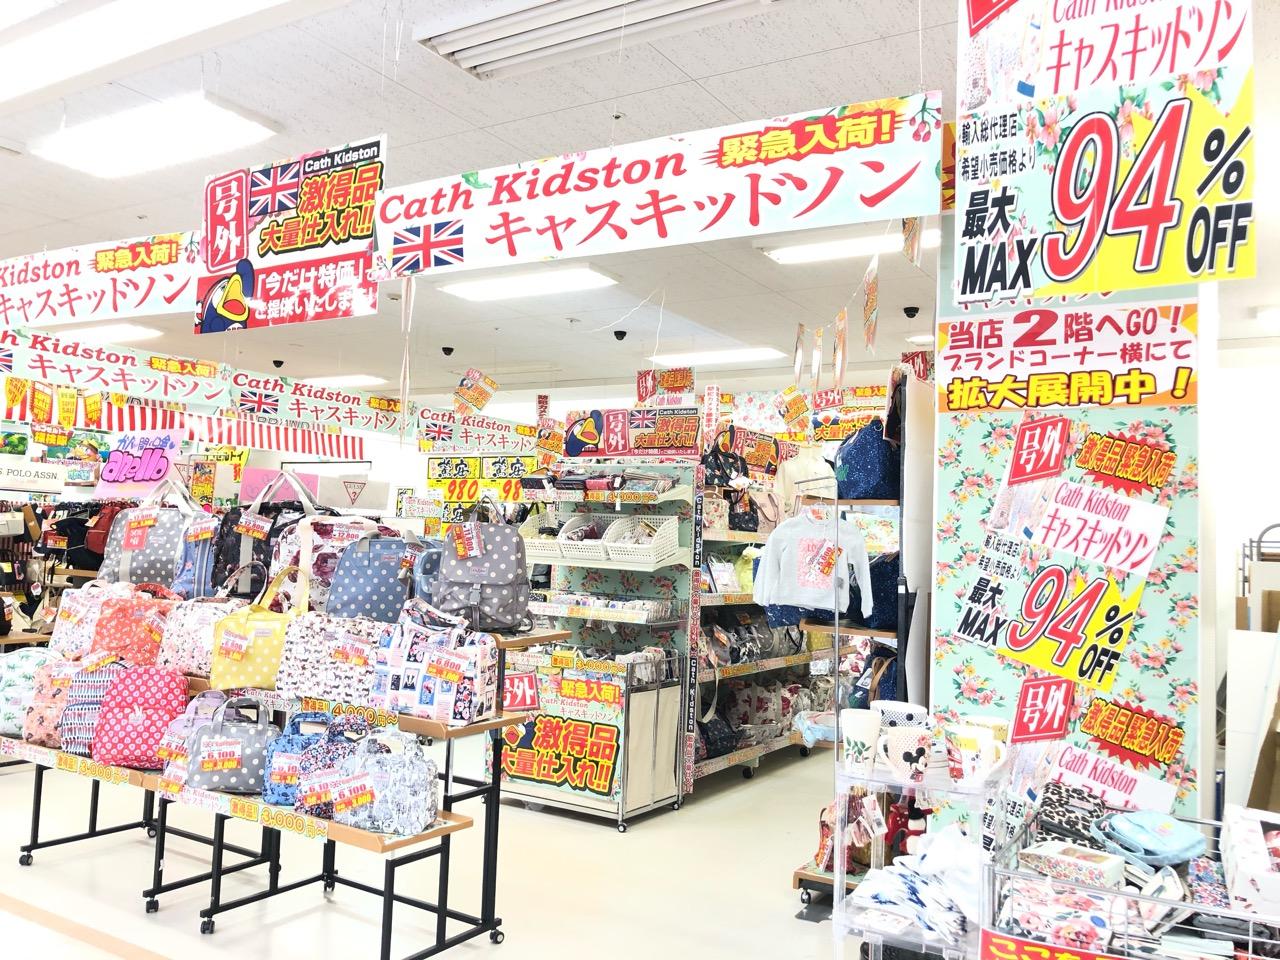 メガドン・キホーテ2階のブランド売り場